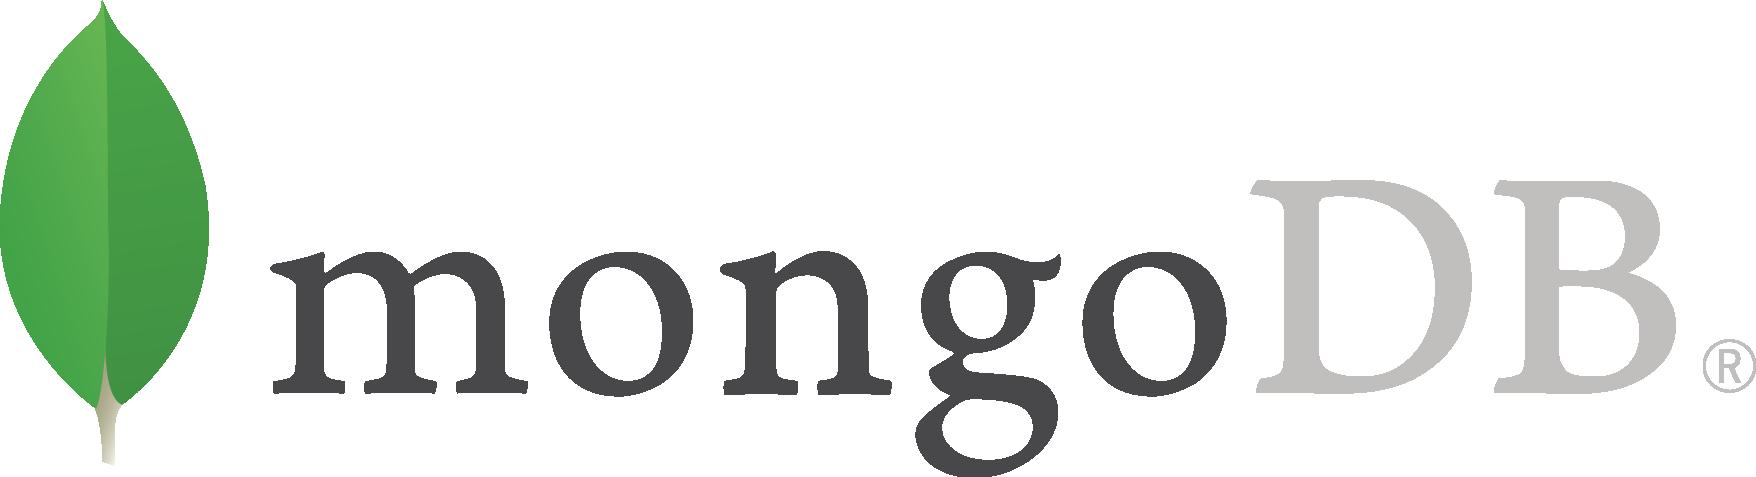 Криптовымогатели продают инструмент для атаки на системы использующие MongoDB, Hadoop и ElasticSearch